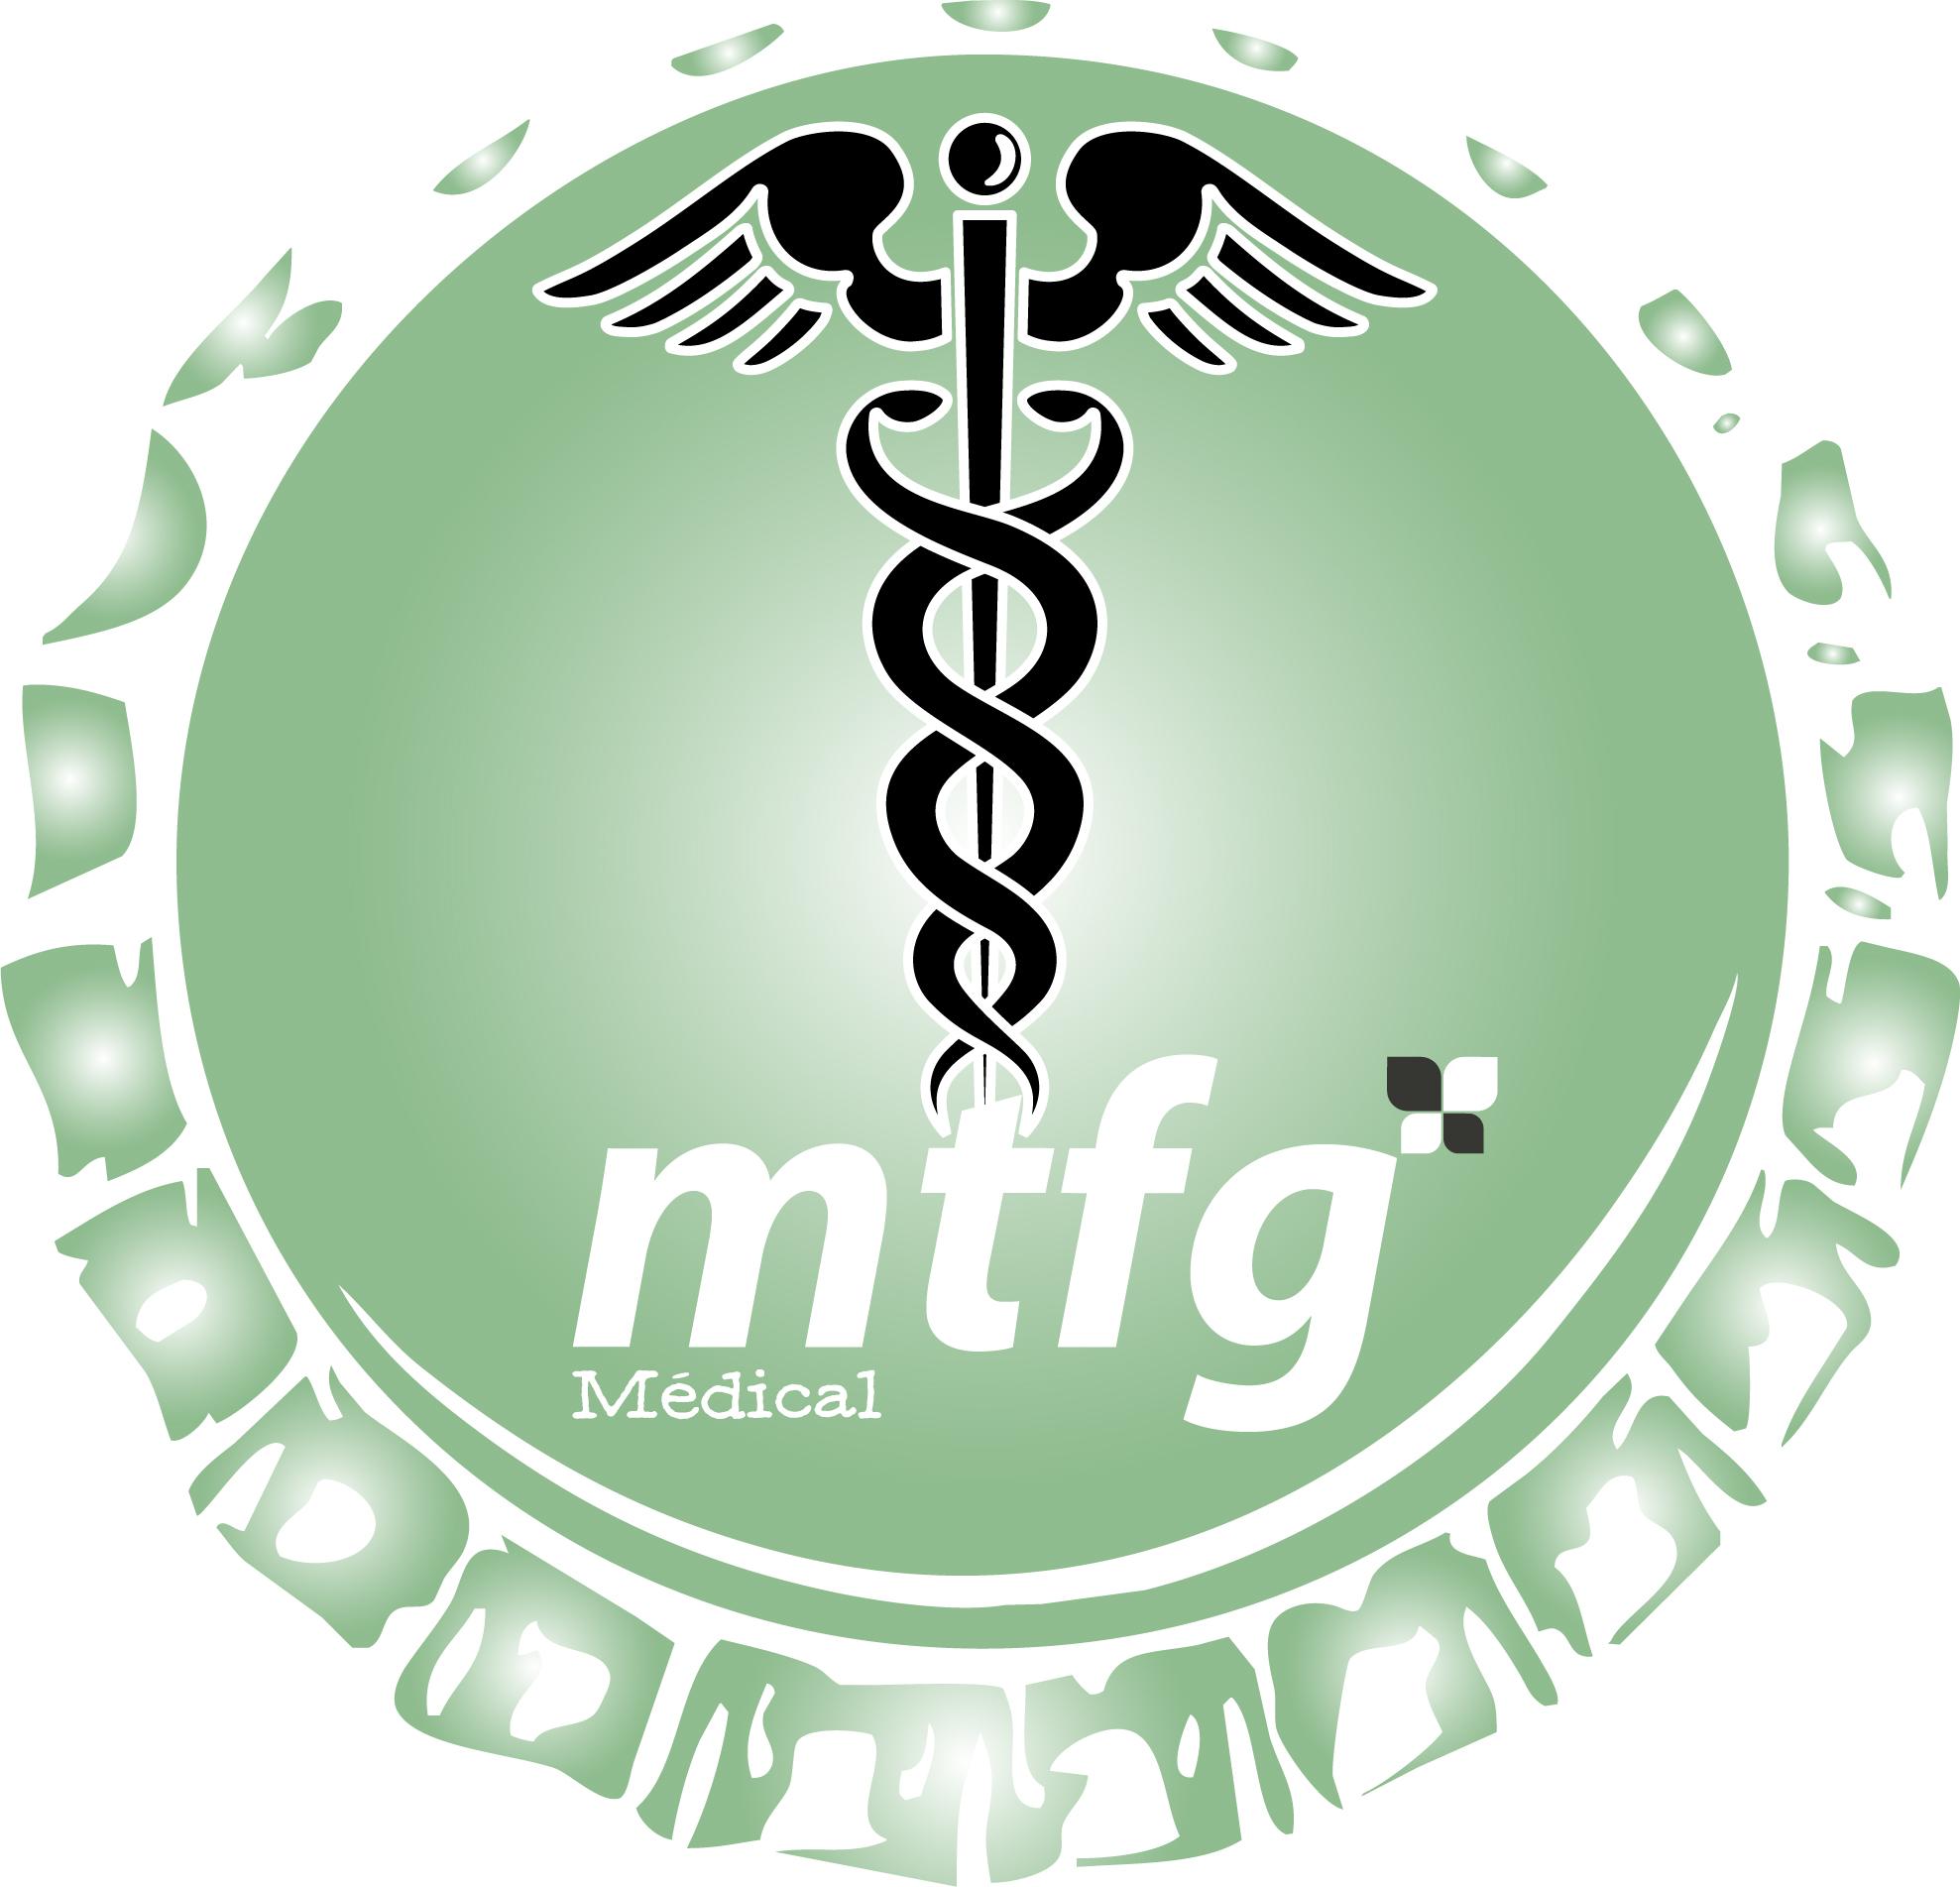 MTFG Medical